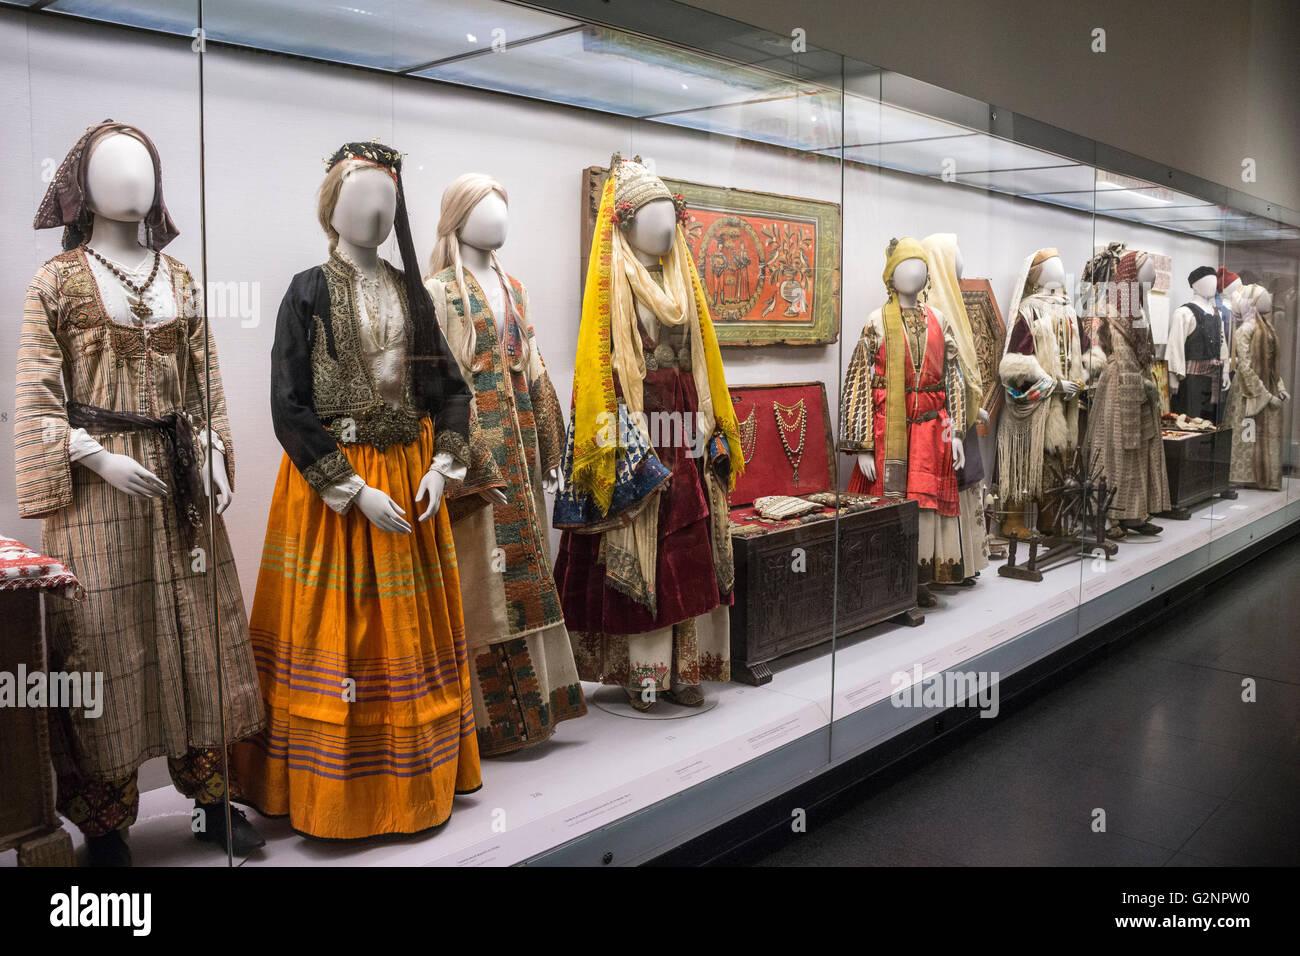 Trajes tradicionales griegos en exhibición en el Museo Benaki, en Atenas, Grecia Imagen De Stock